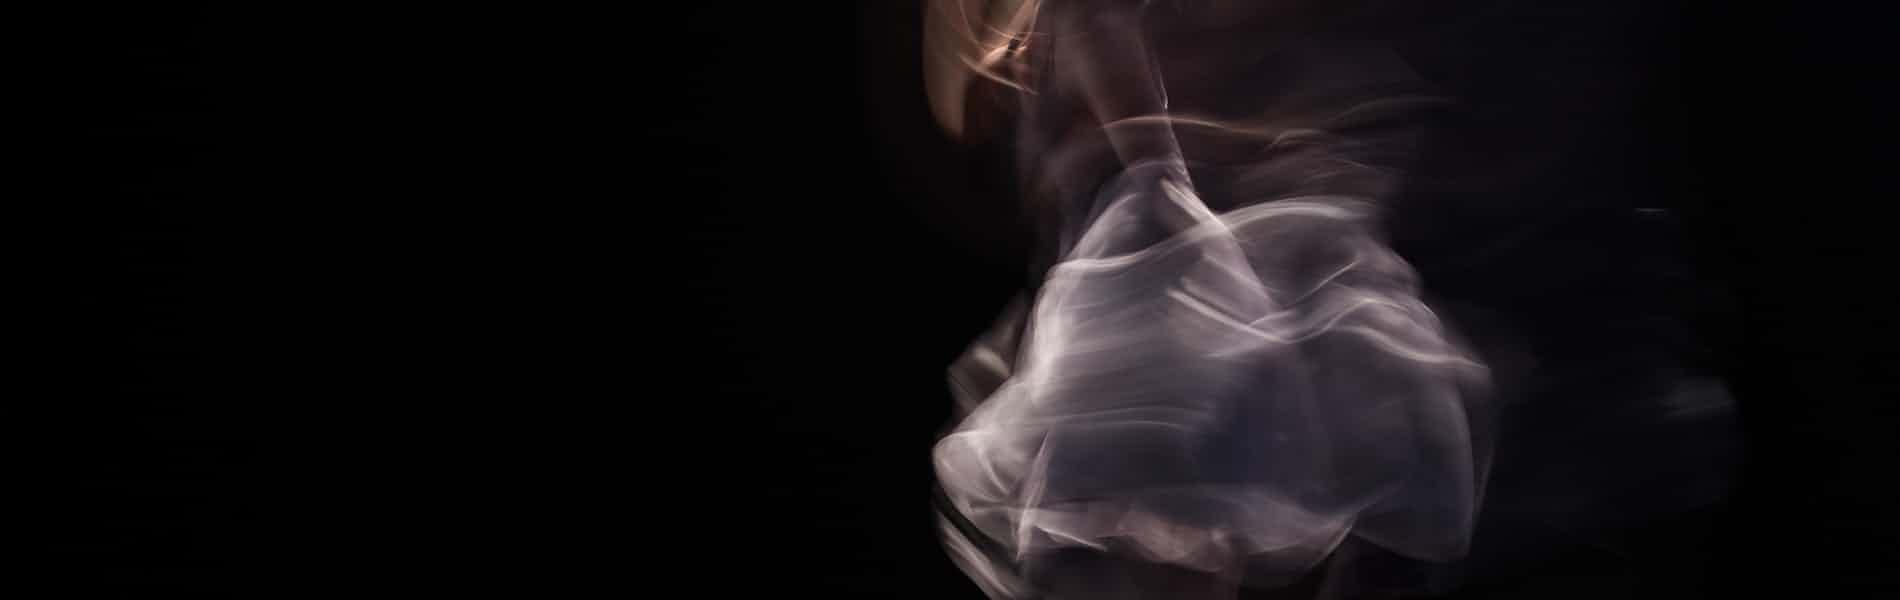 """בין תנועה וקיפאון: סקירת הספר """"בצלמנו כדמותנו"""" של צביקה תורן"""